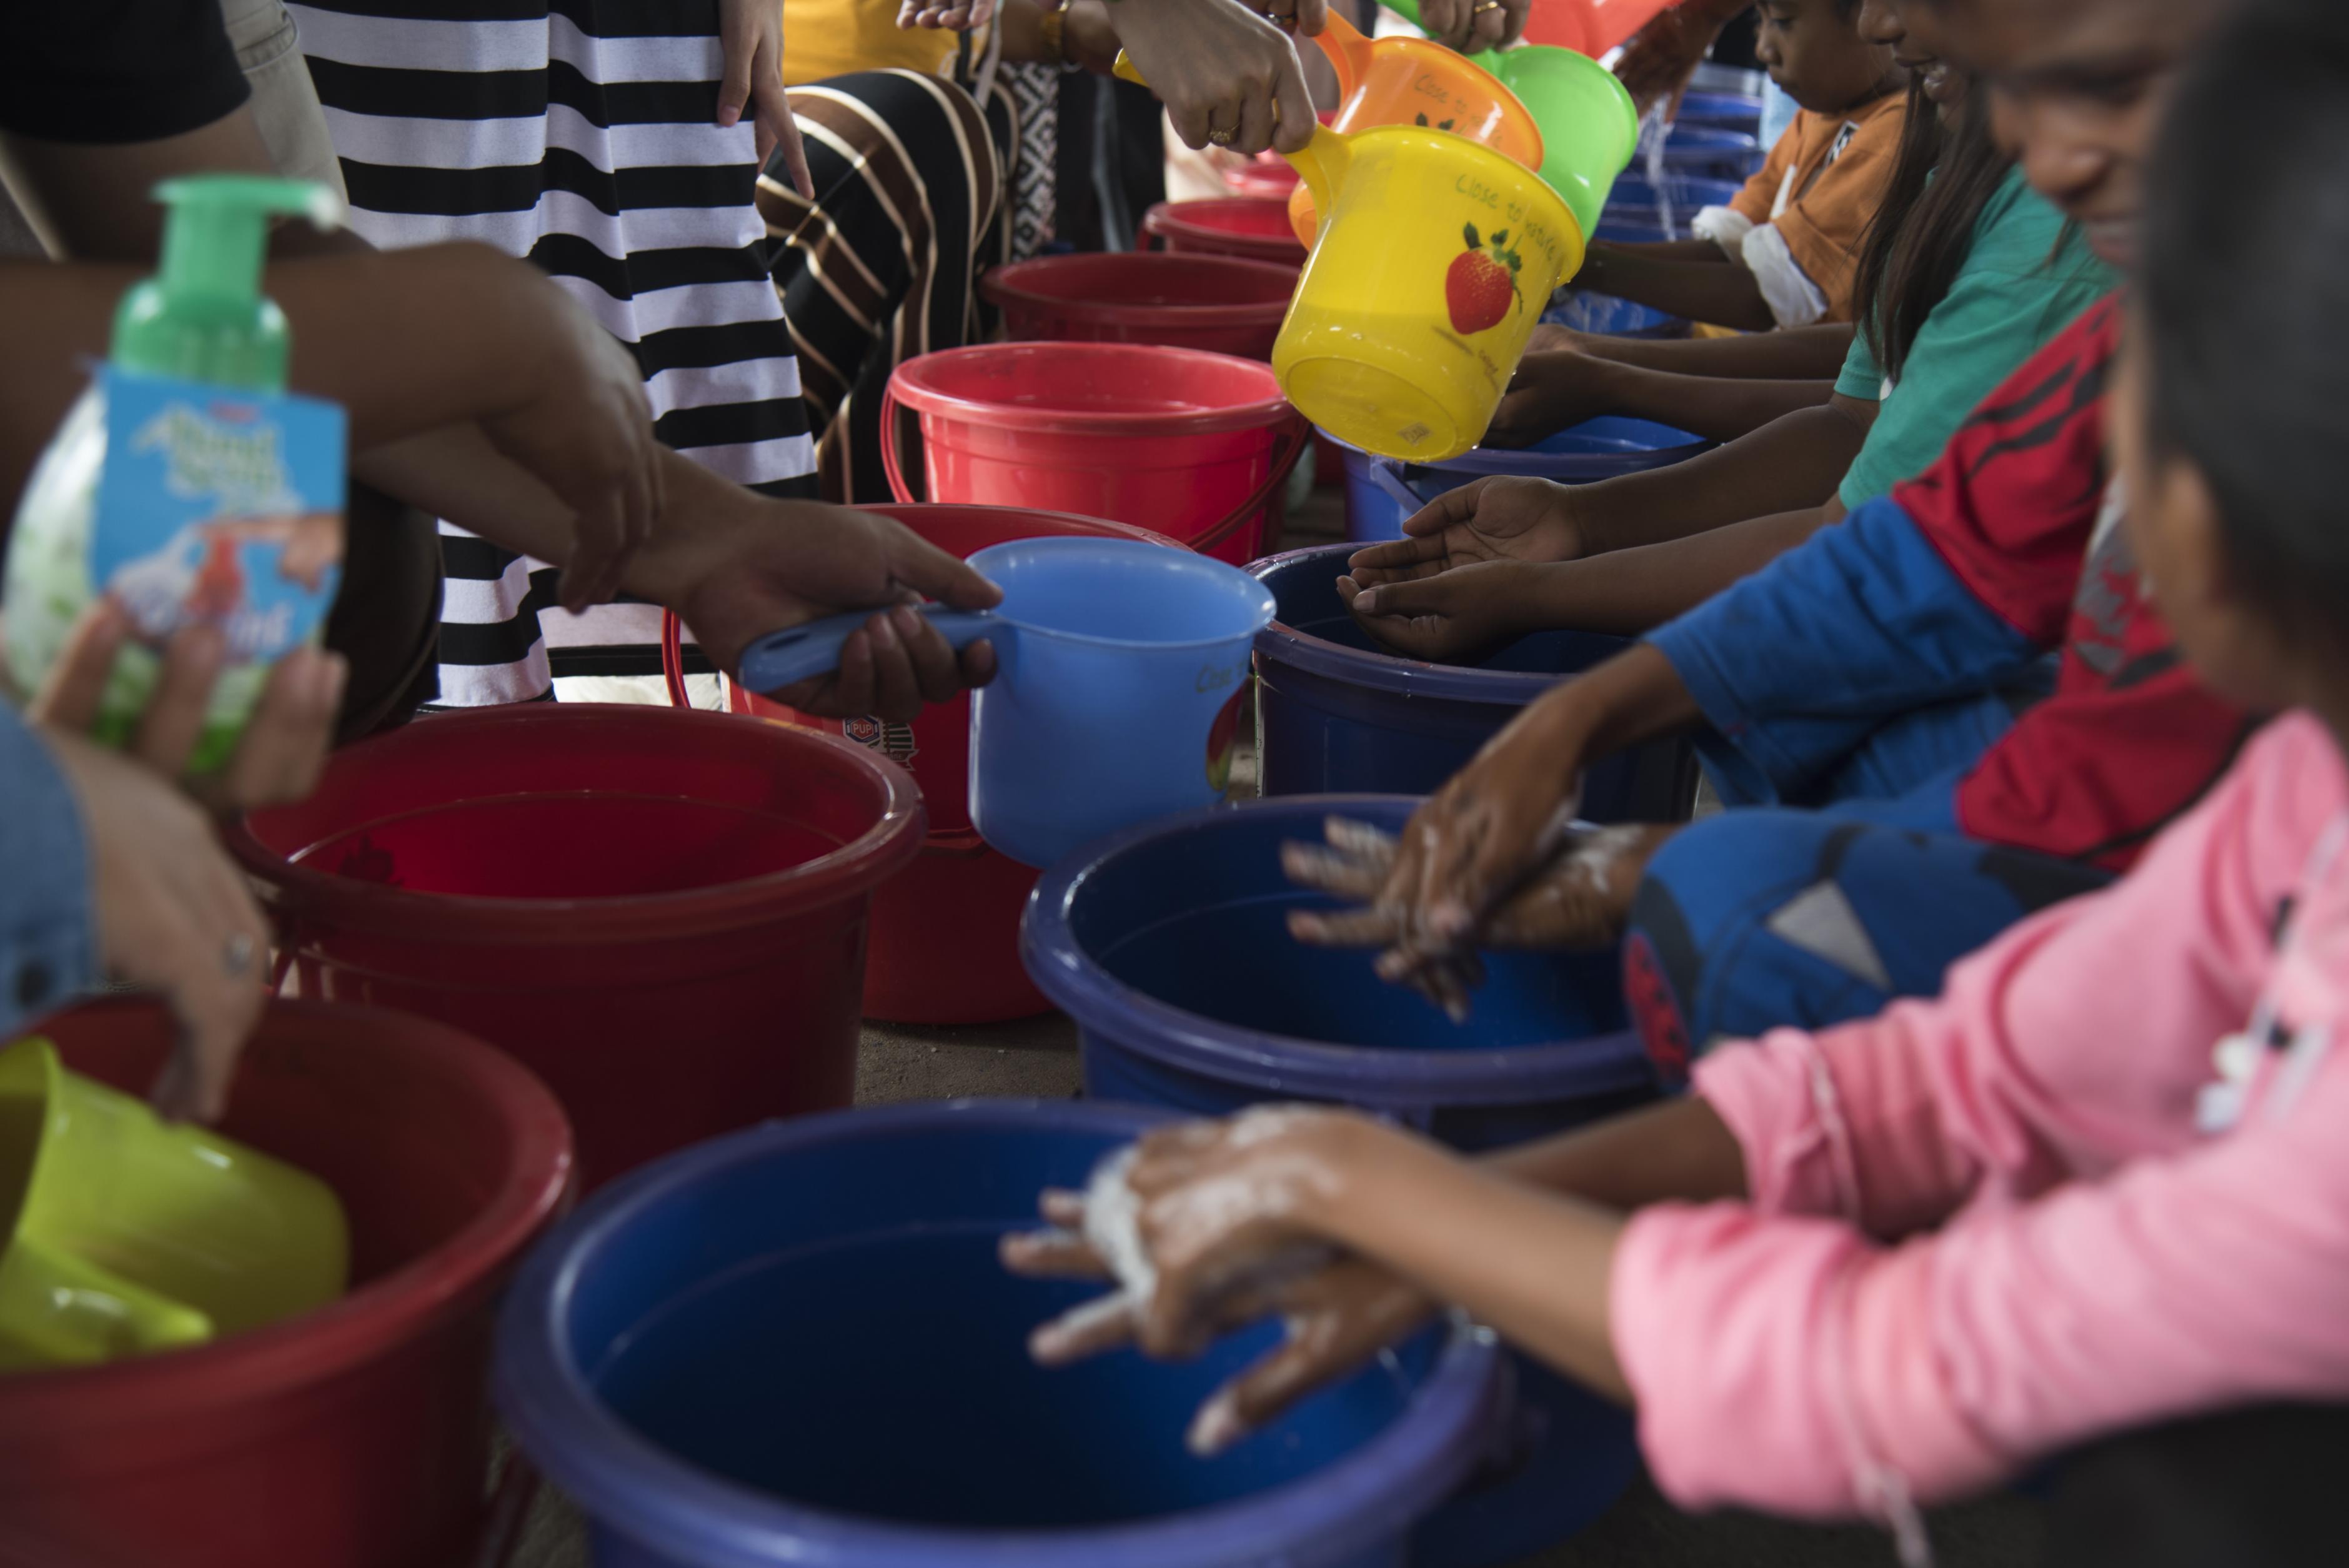 Kinder waschen sich die Hände.